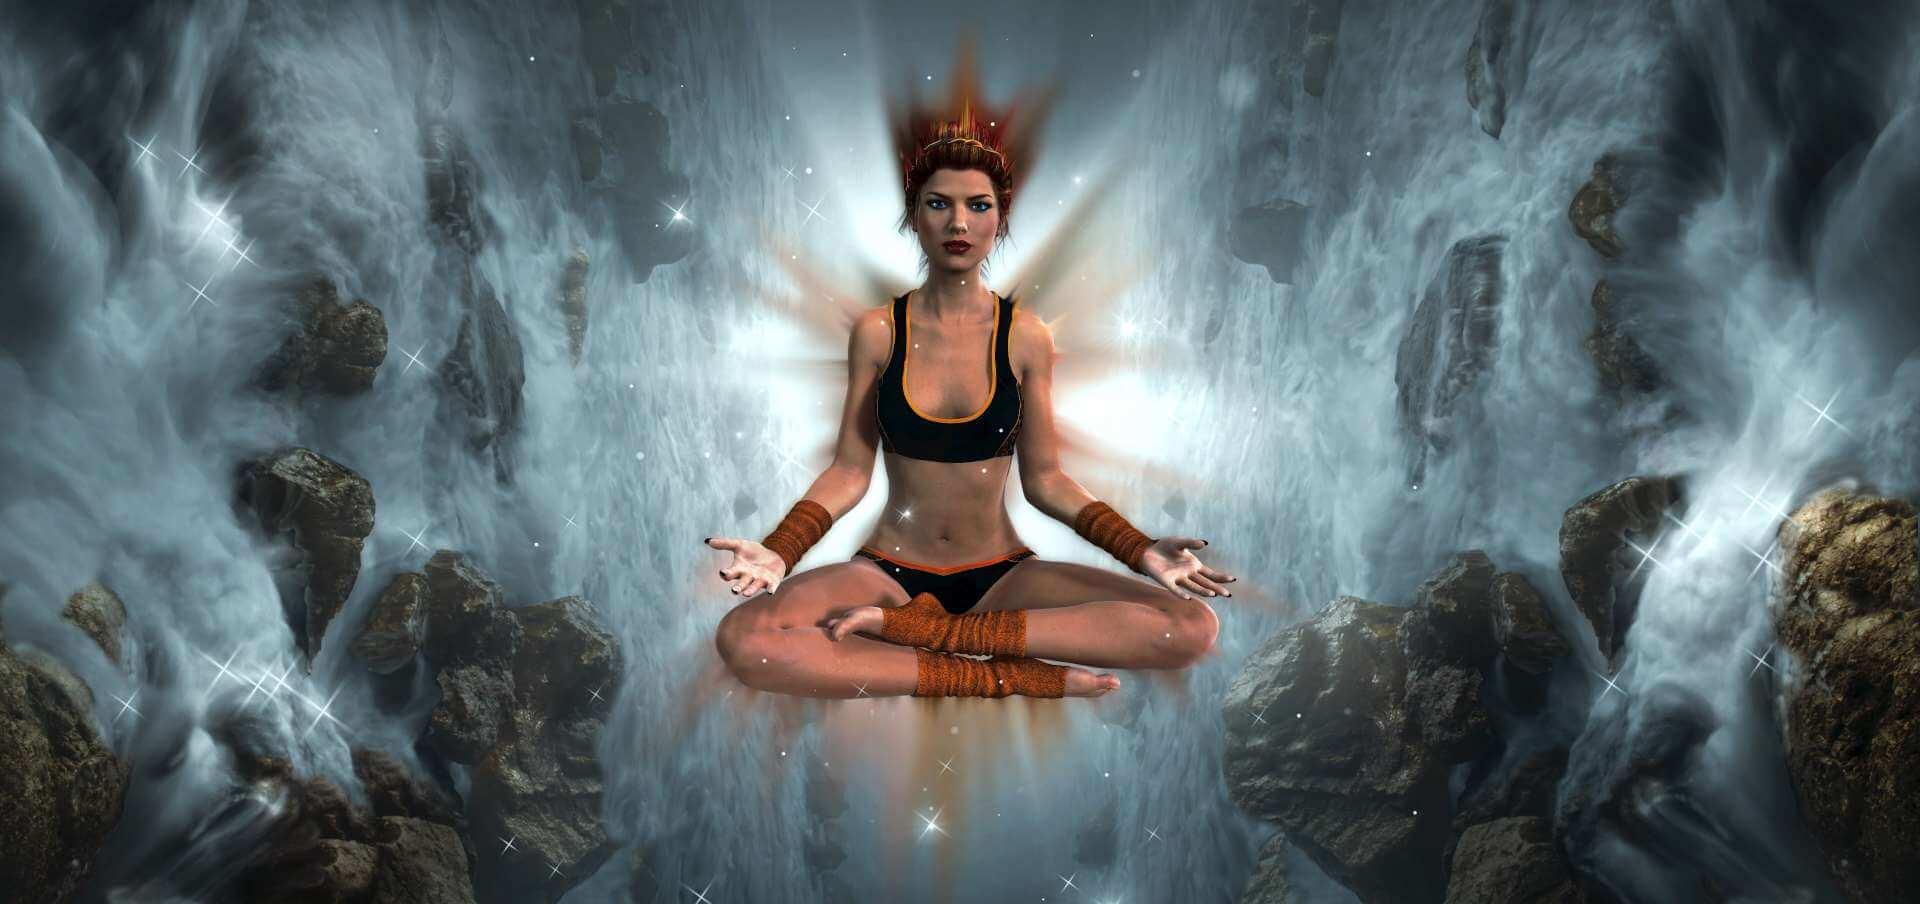 Fantasiedarstellung einer schwebenden Frau in Meditationshaltung zwischen Felsen